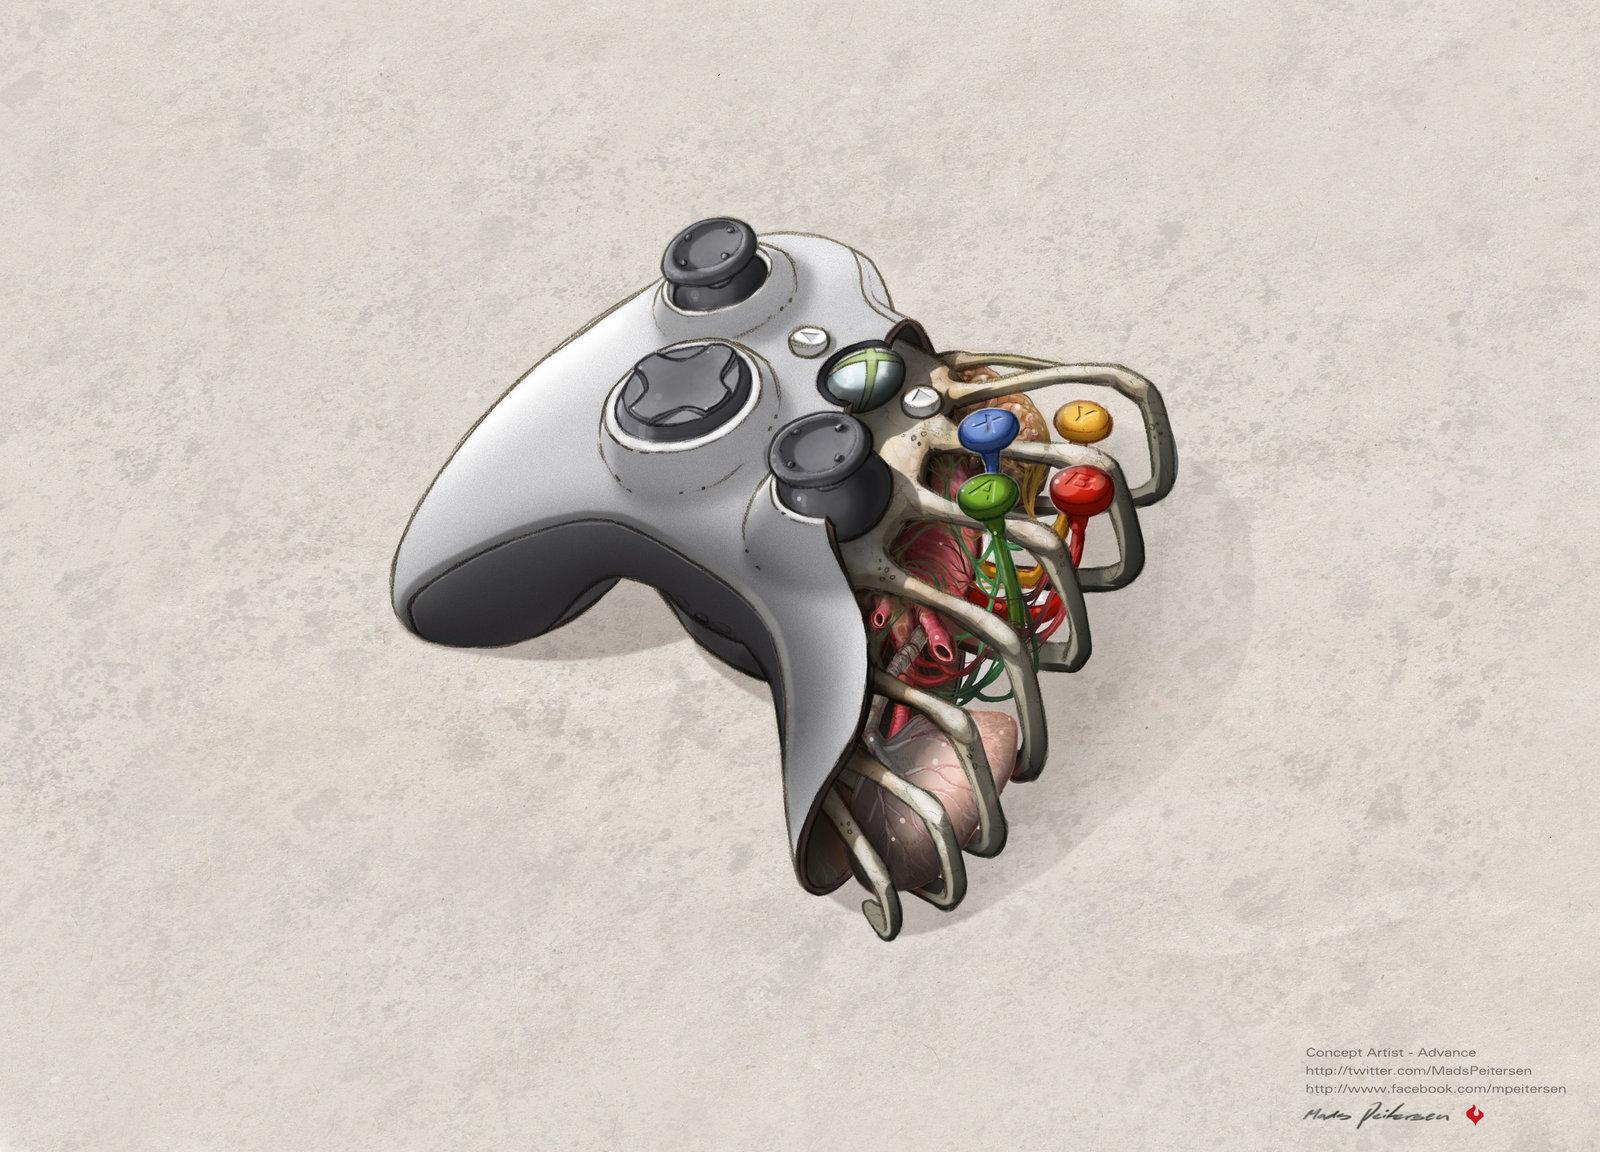 Daily Wallpaper Sick ass Xbox 360 controller Wallpaper